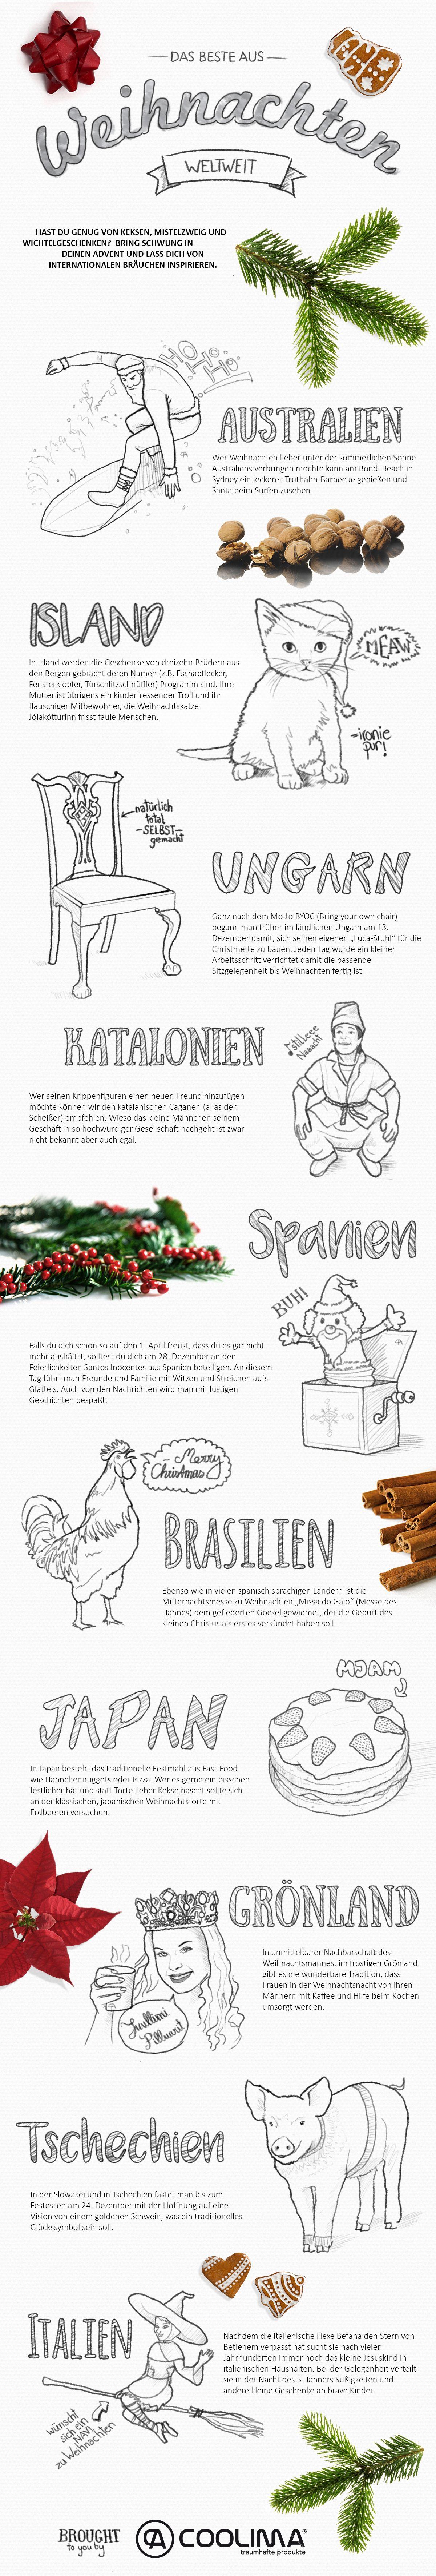 Weihnachten Weltweit! Entdecke spannende Bräuche aus anderen Ländern ...